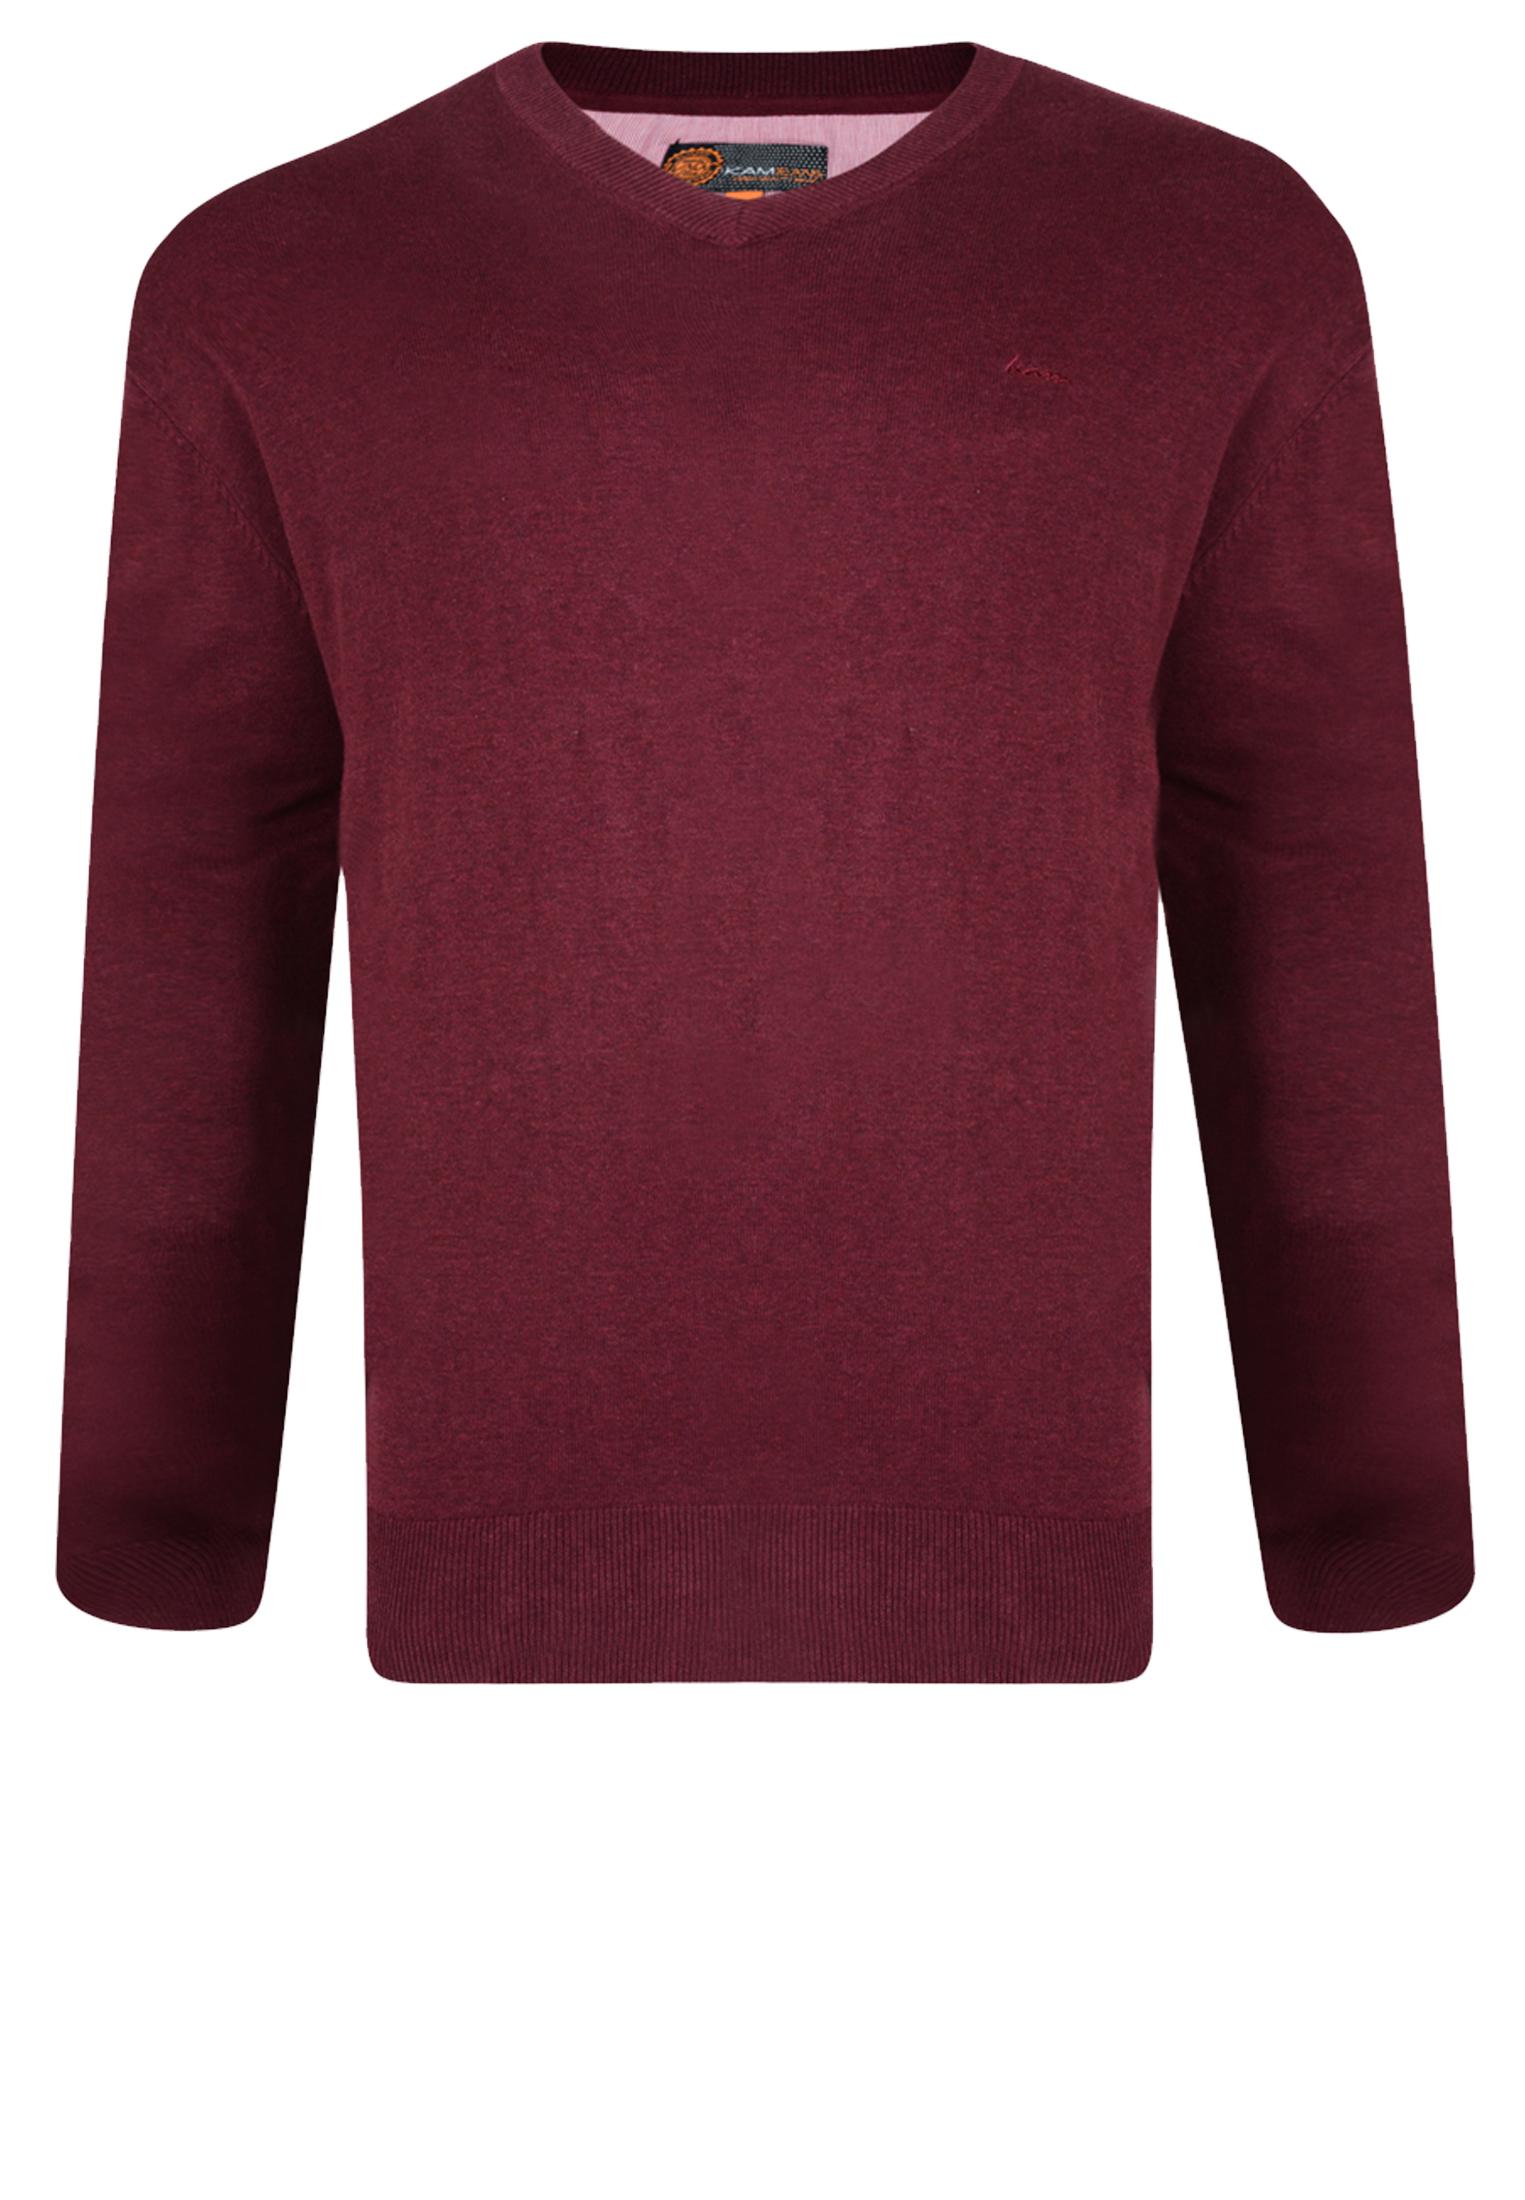 Fijn gebreide lichtbruine effen trui van KAM JEANSWEAR met V-hals. Deze dunne trui heeft een elastische tailleband wat zorgt voor een mooie pasvorm. Dit multifunctionele artikel kan casual op een spijkerbroek gedragen worden of zakelijk over een overhemd op een pantalon. Een heerlijke comfortabele trui om te dragen.